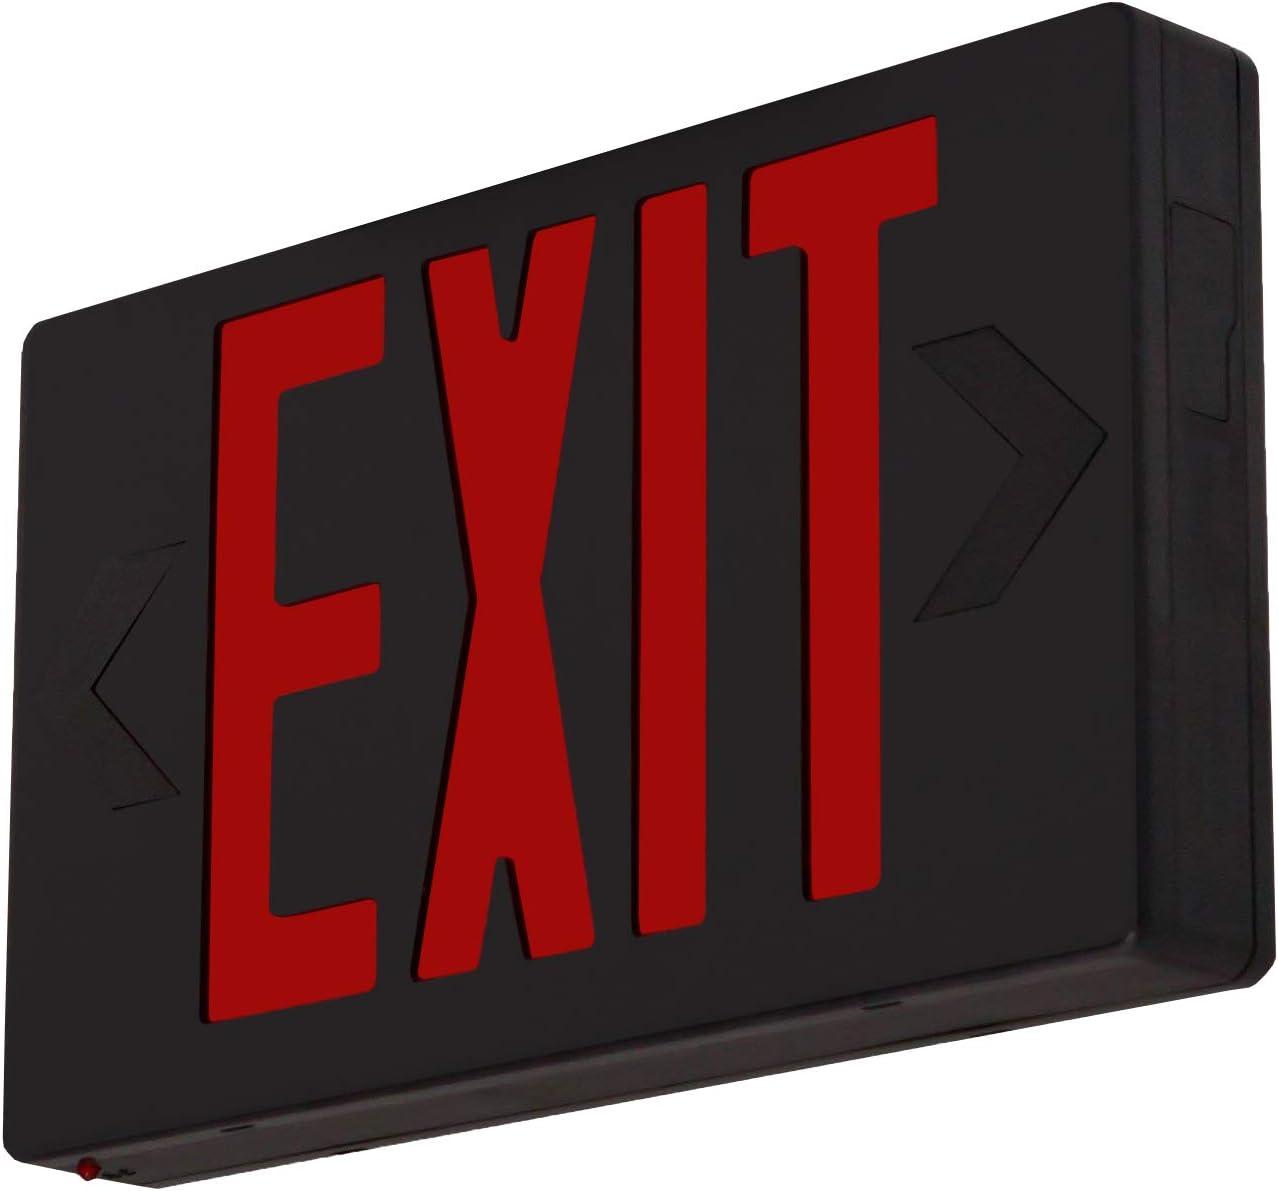 LFI Lights - UL Certified - Hardwired Red LED Exit Light - Black Housing - Battery Backup Sign - LEDR3B